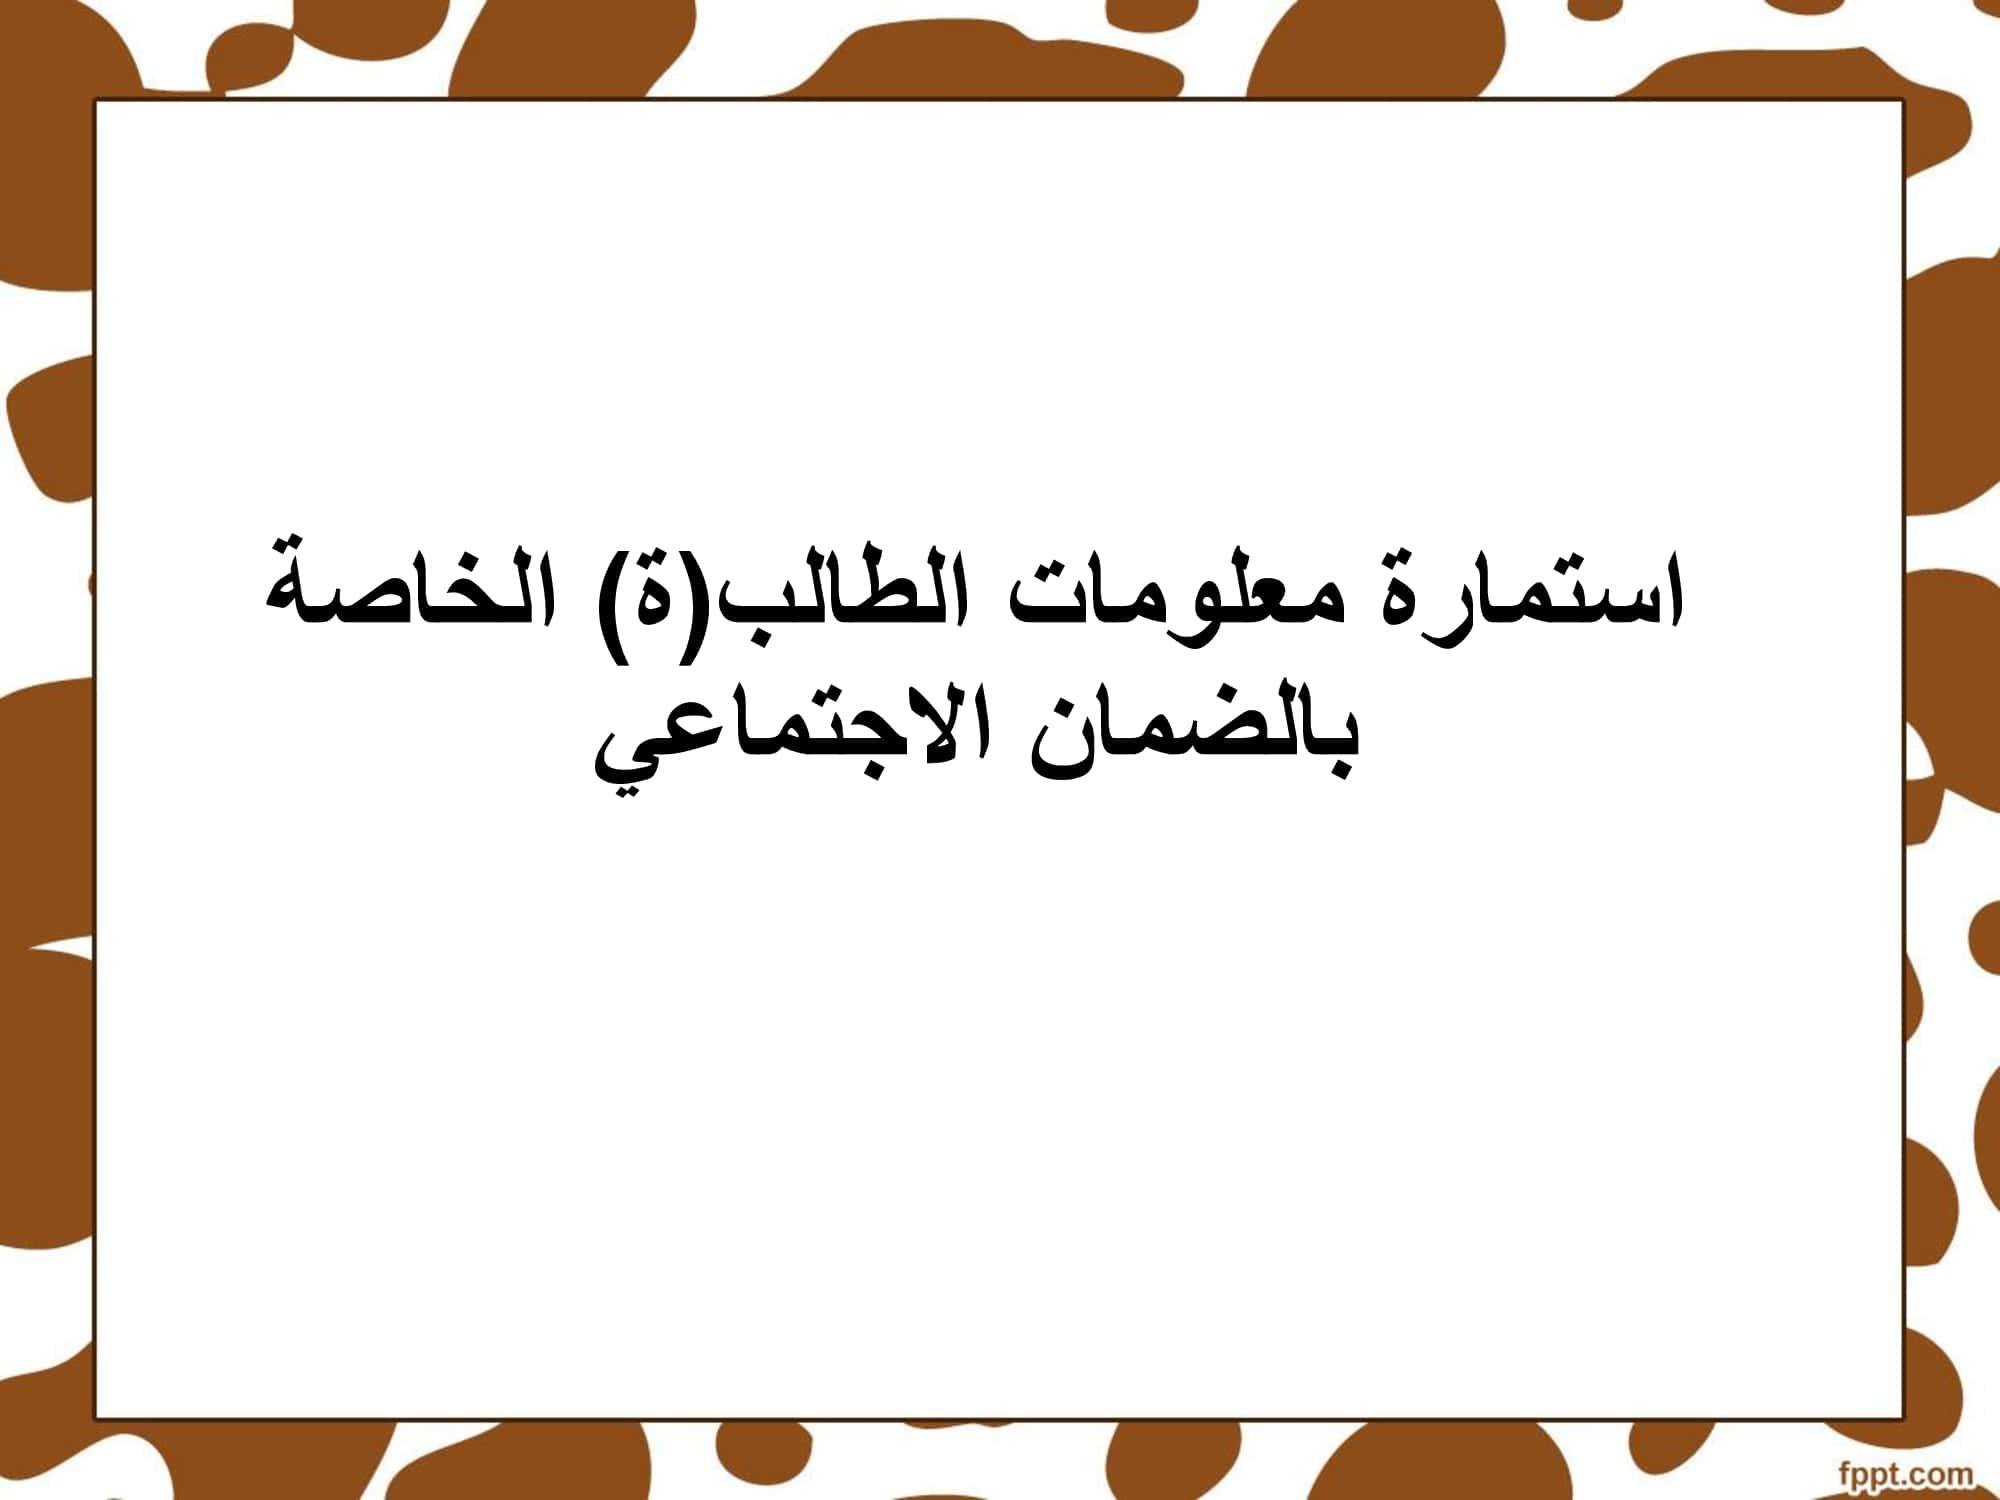 -معلومات-الطالب_ة_-الخاصة-بالضمان-الإجتماعي-min